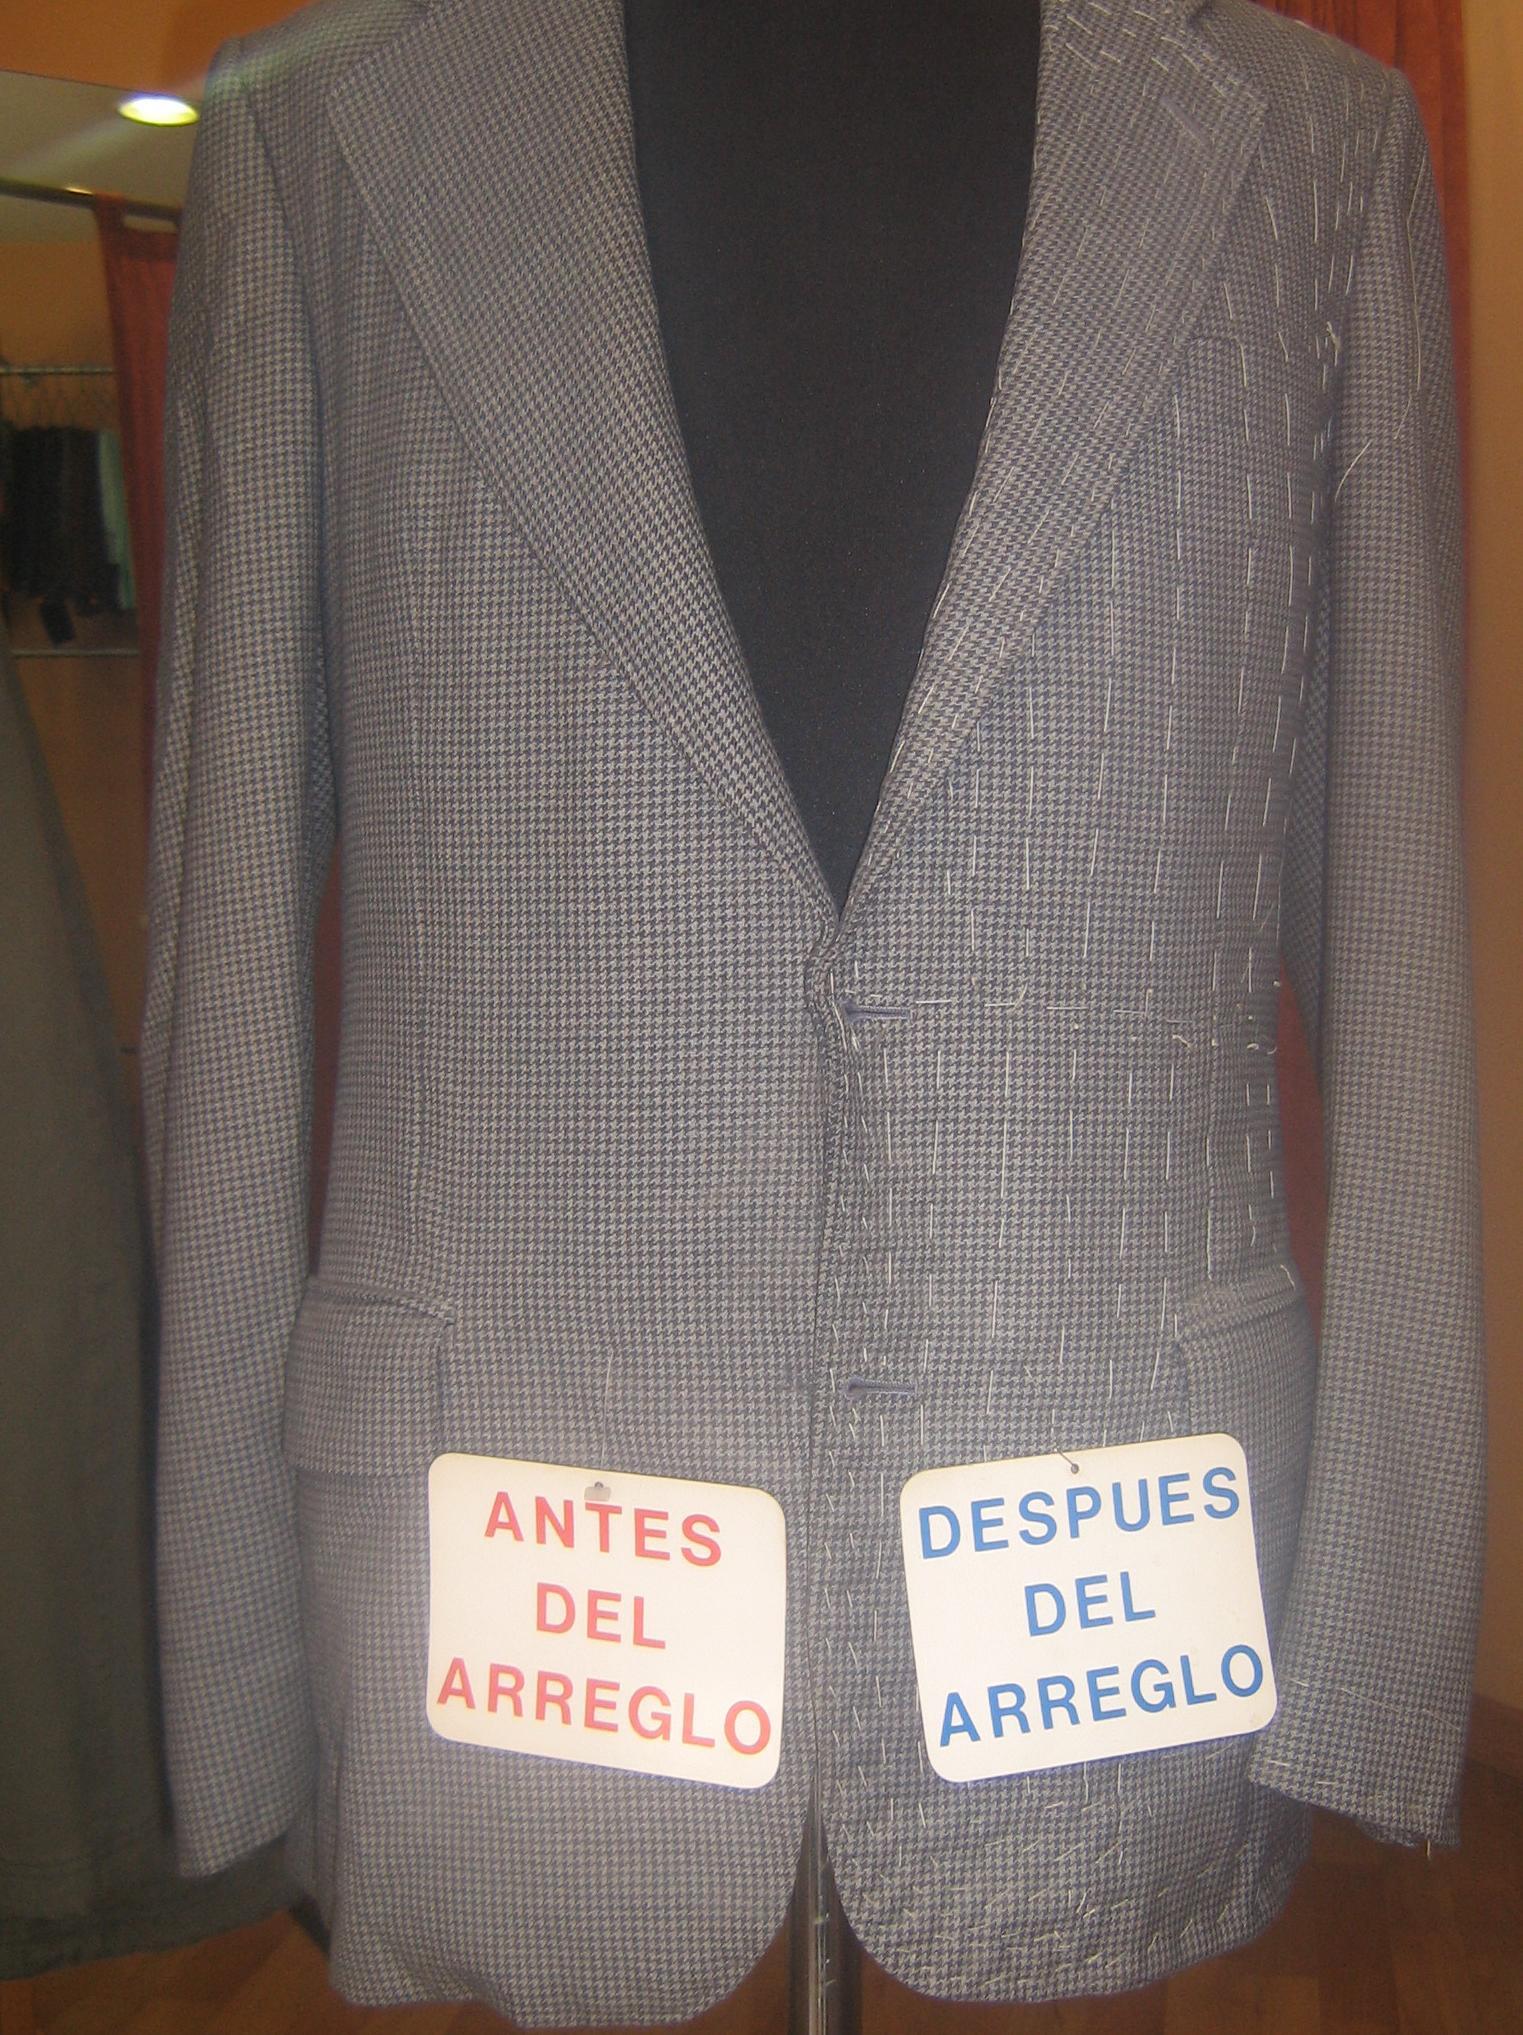 Foto 6 de Arreglos de ropa y piel en Zaragoza | Arreglos Vistebién